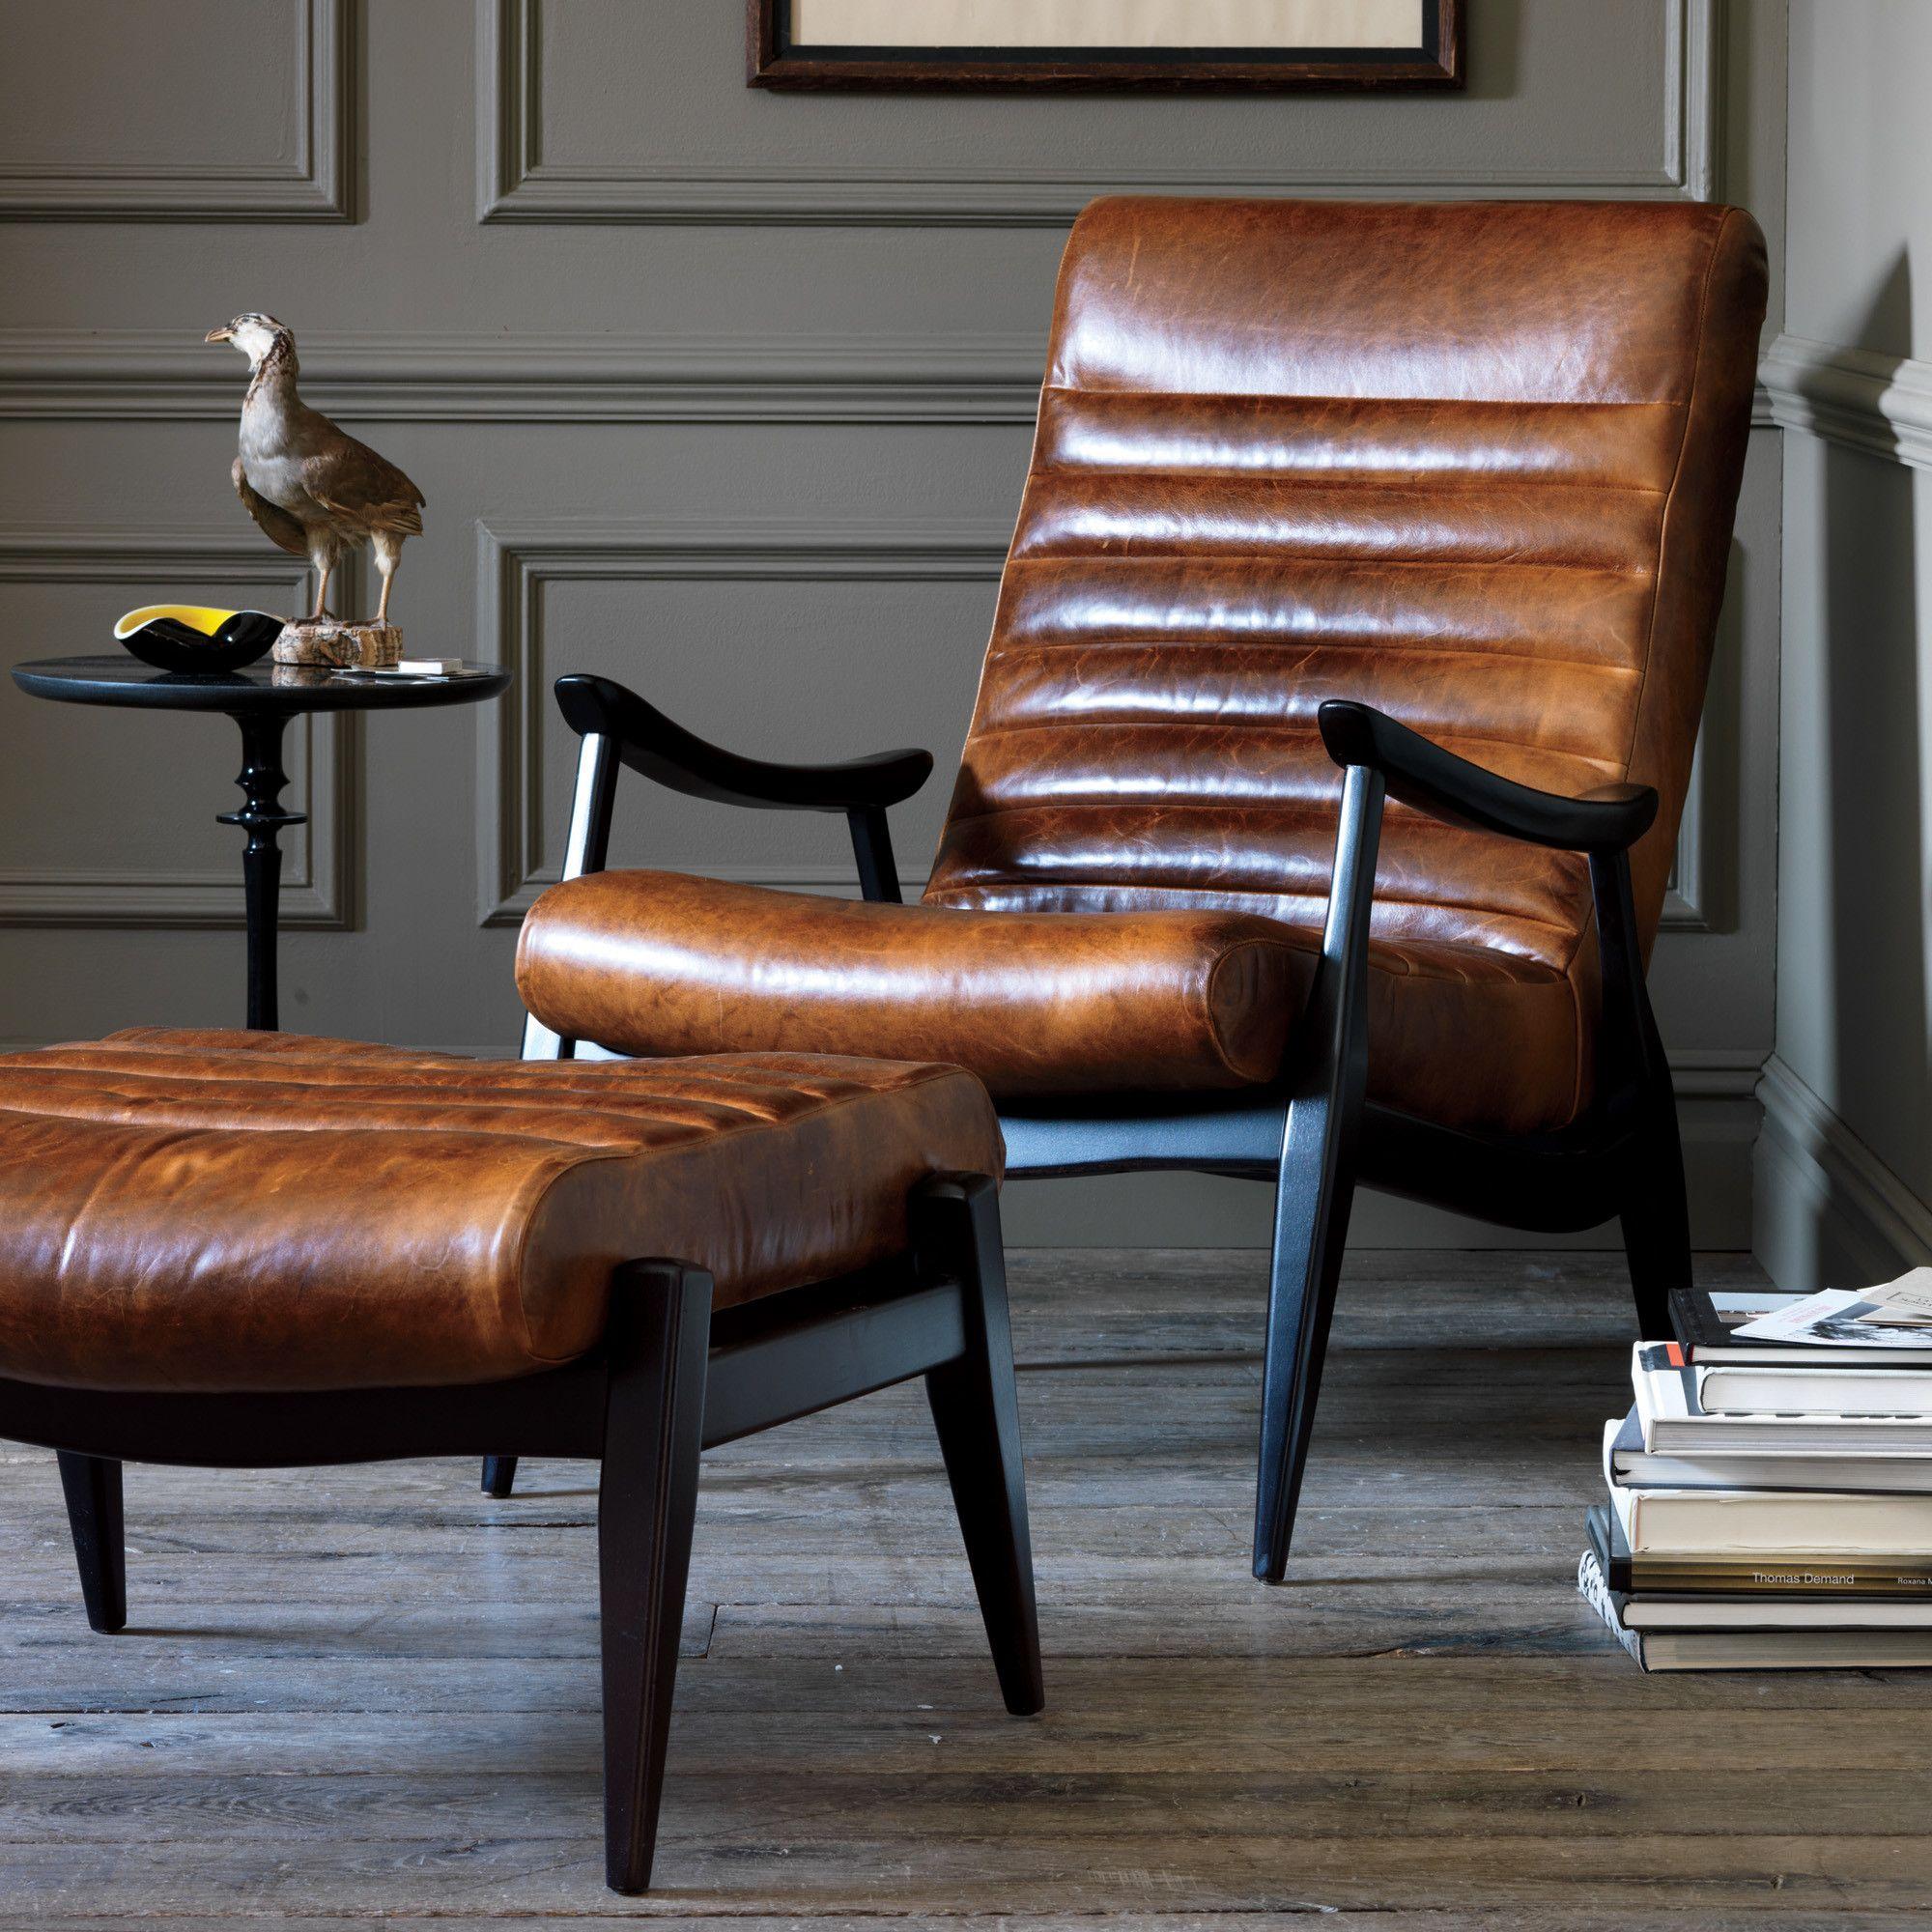 Superb Hans Leather Chair » Petagadget